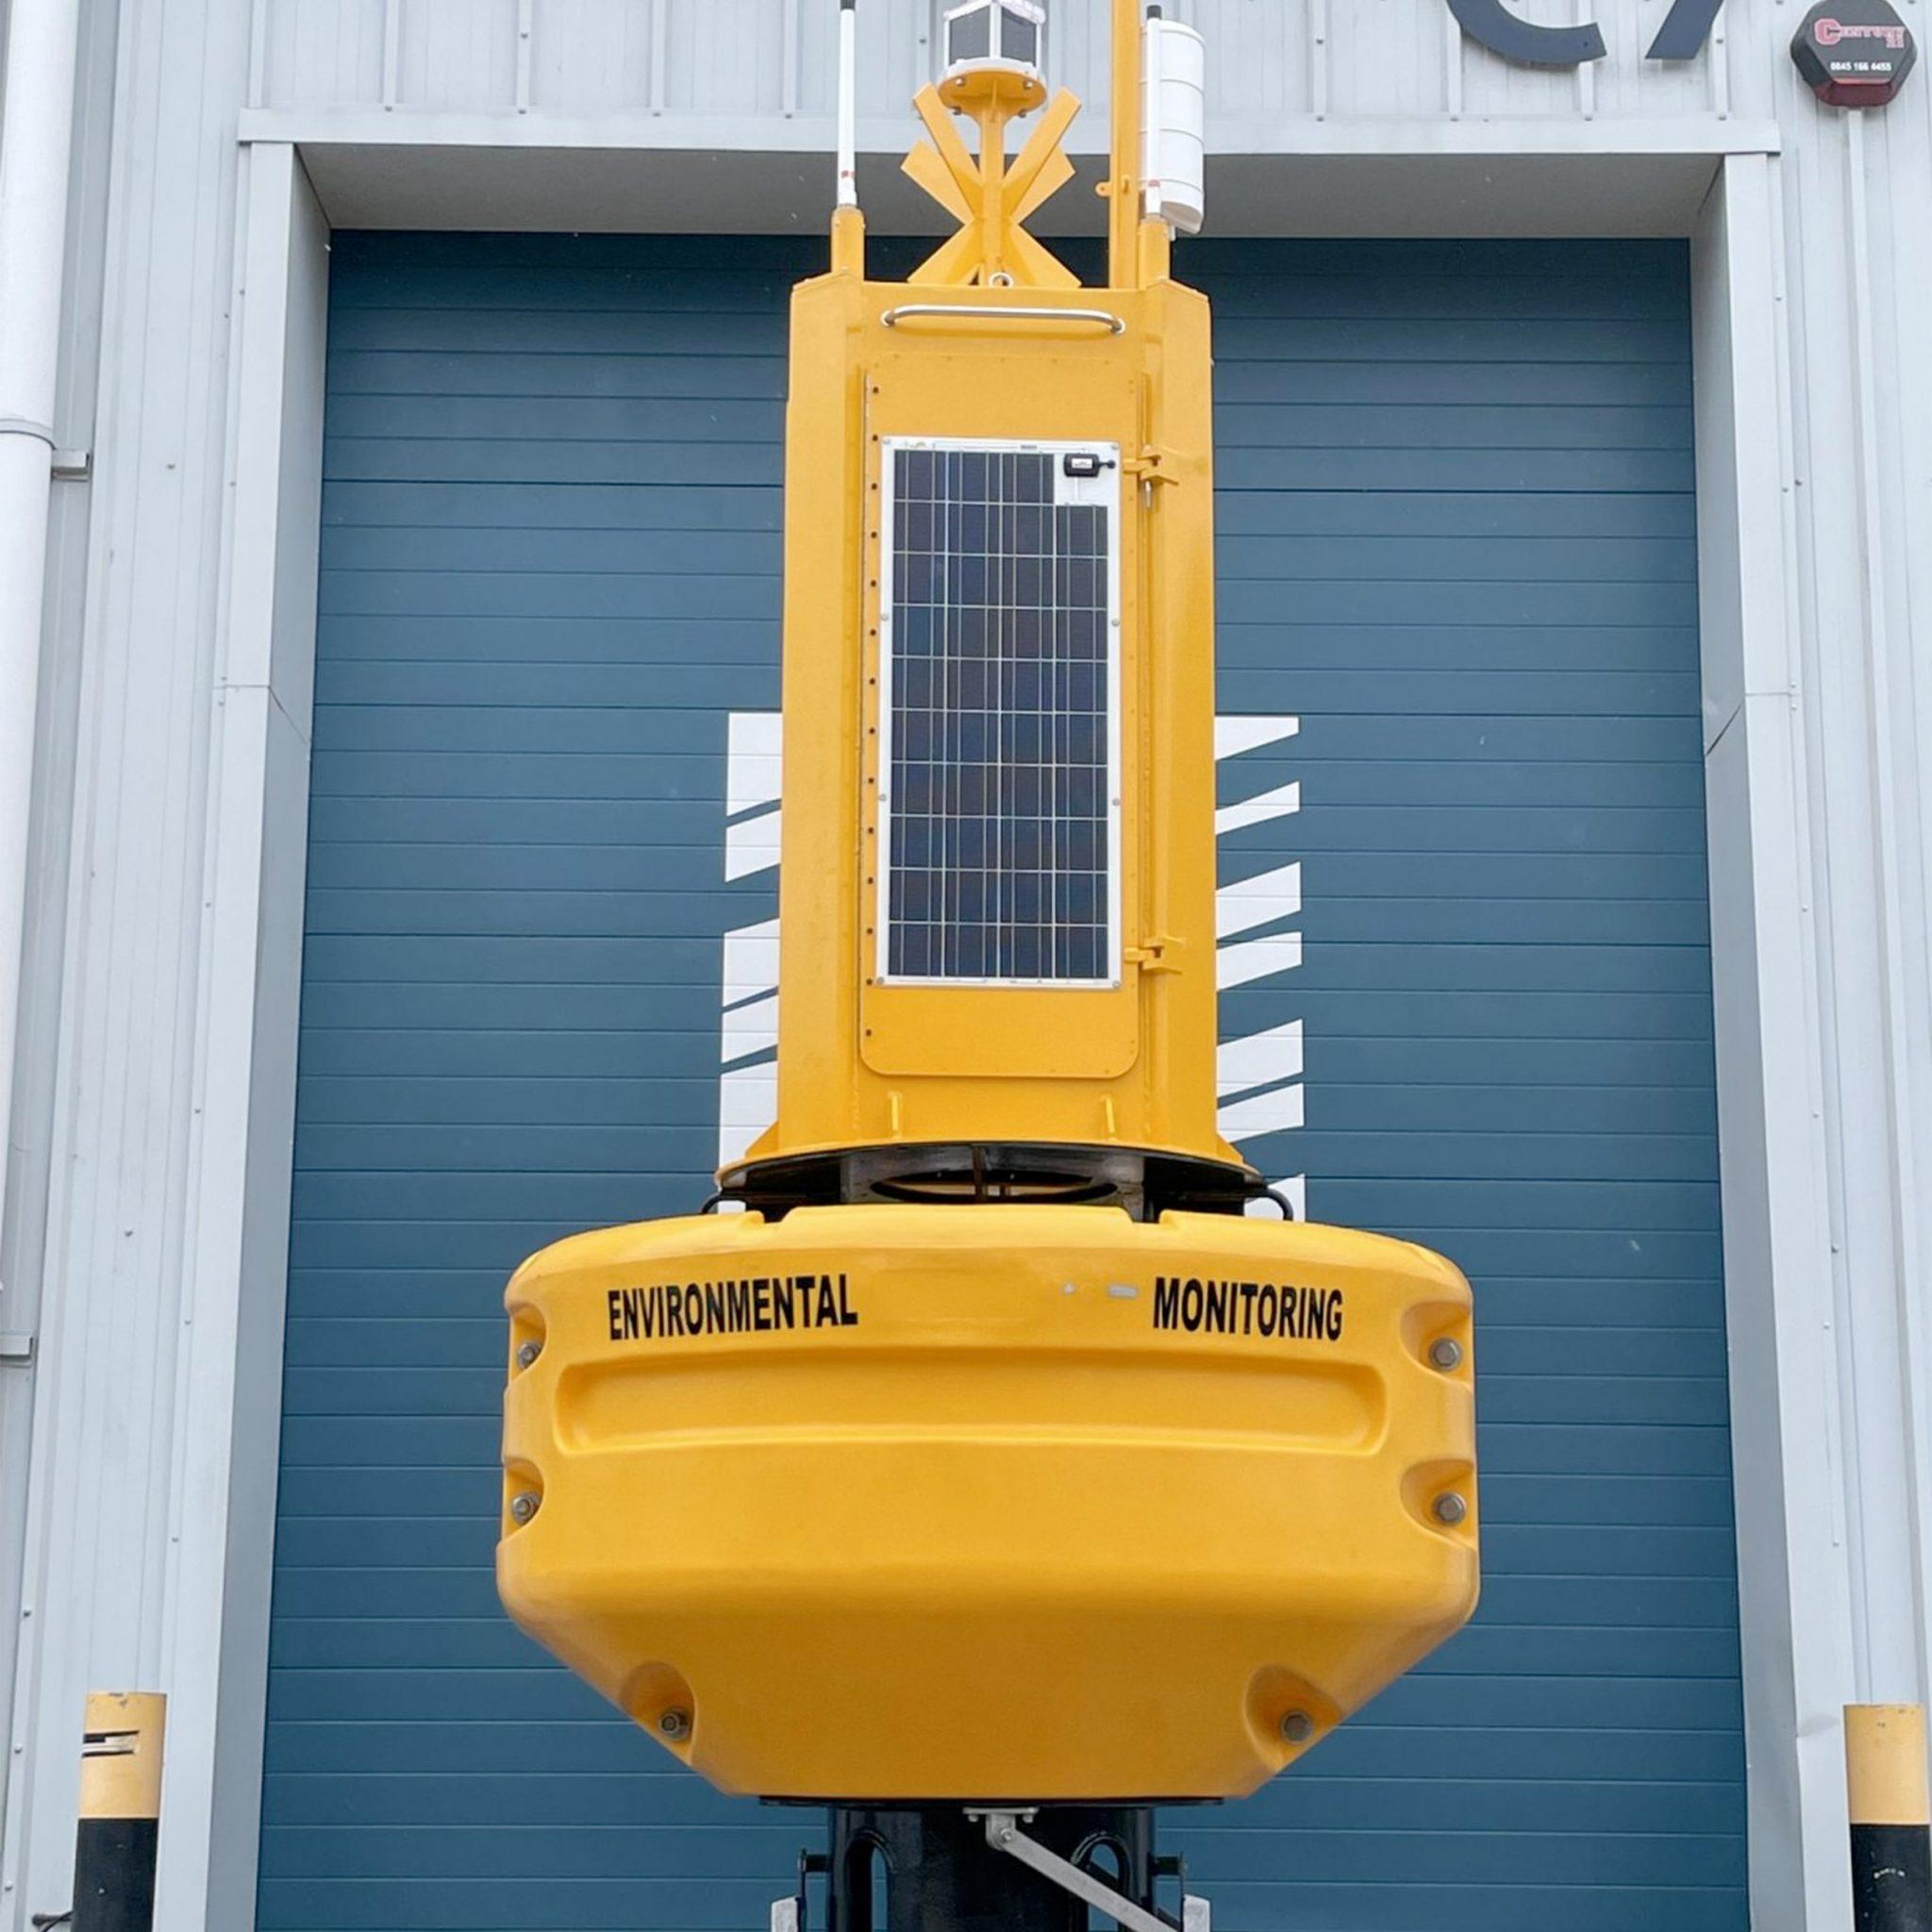 De nieuwe boei voor zeewierboerderijen is zelfs voorzien van een pan tilt zoom (PTZ) camera. (Foto OSIL)